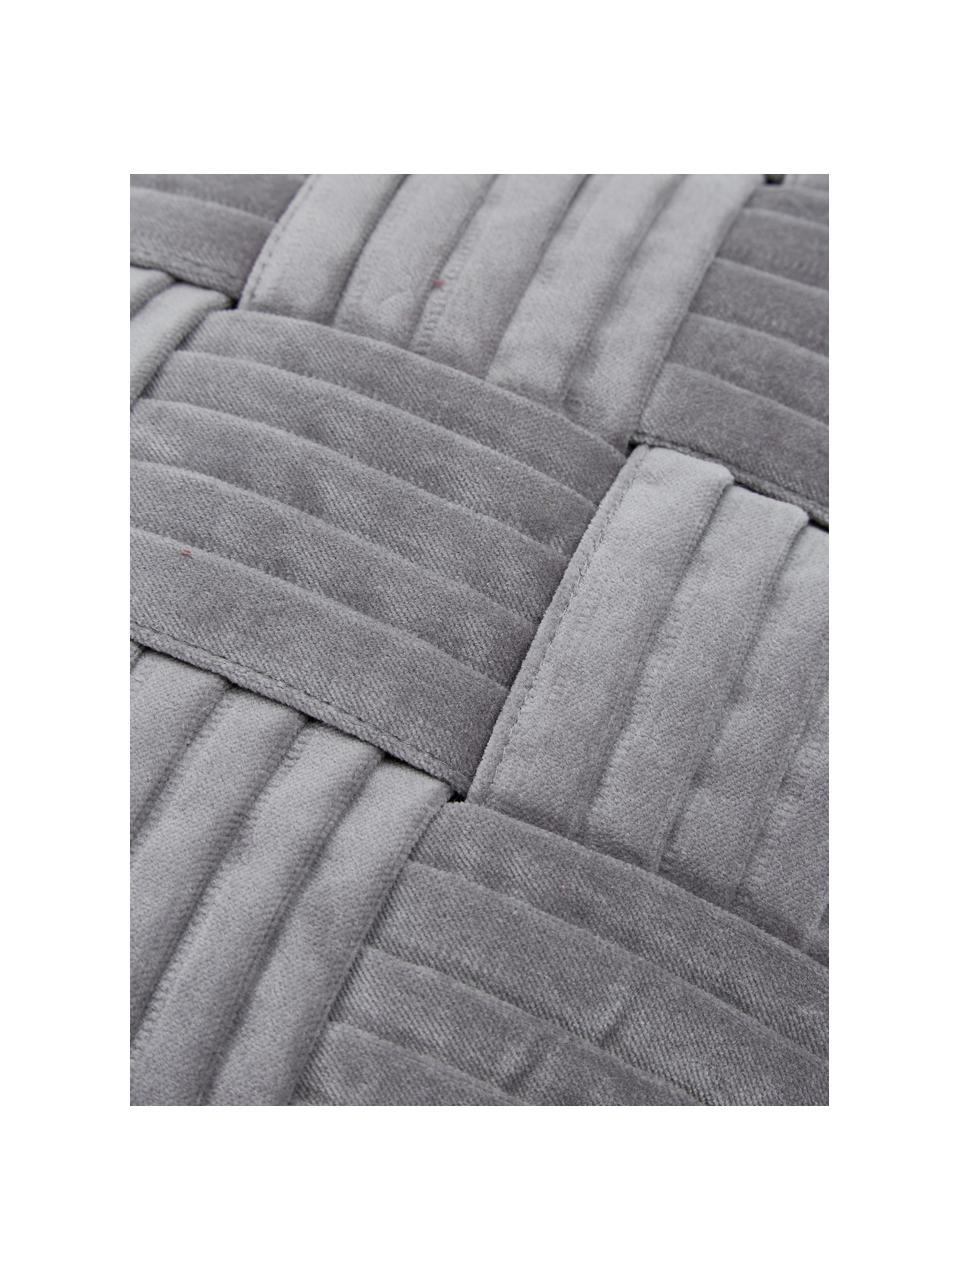 Fluwelen kussenhoes Sina in donkergrijs met structuurpatroon, Fluweel (100% katoen), Grijs, 30 x 50 cm